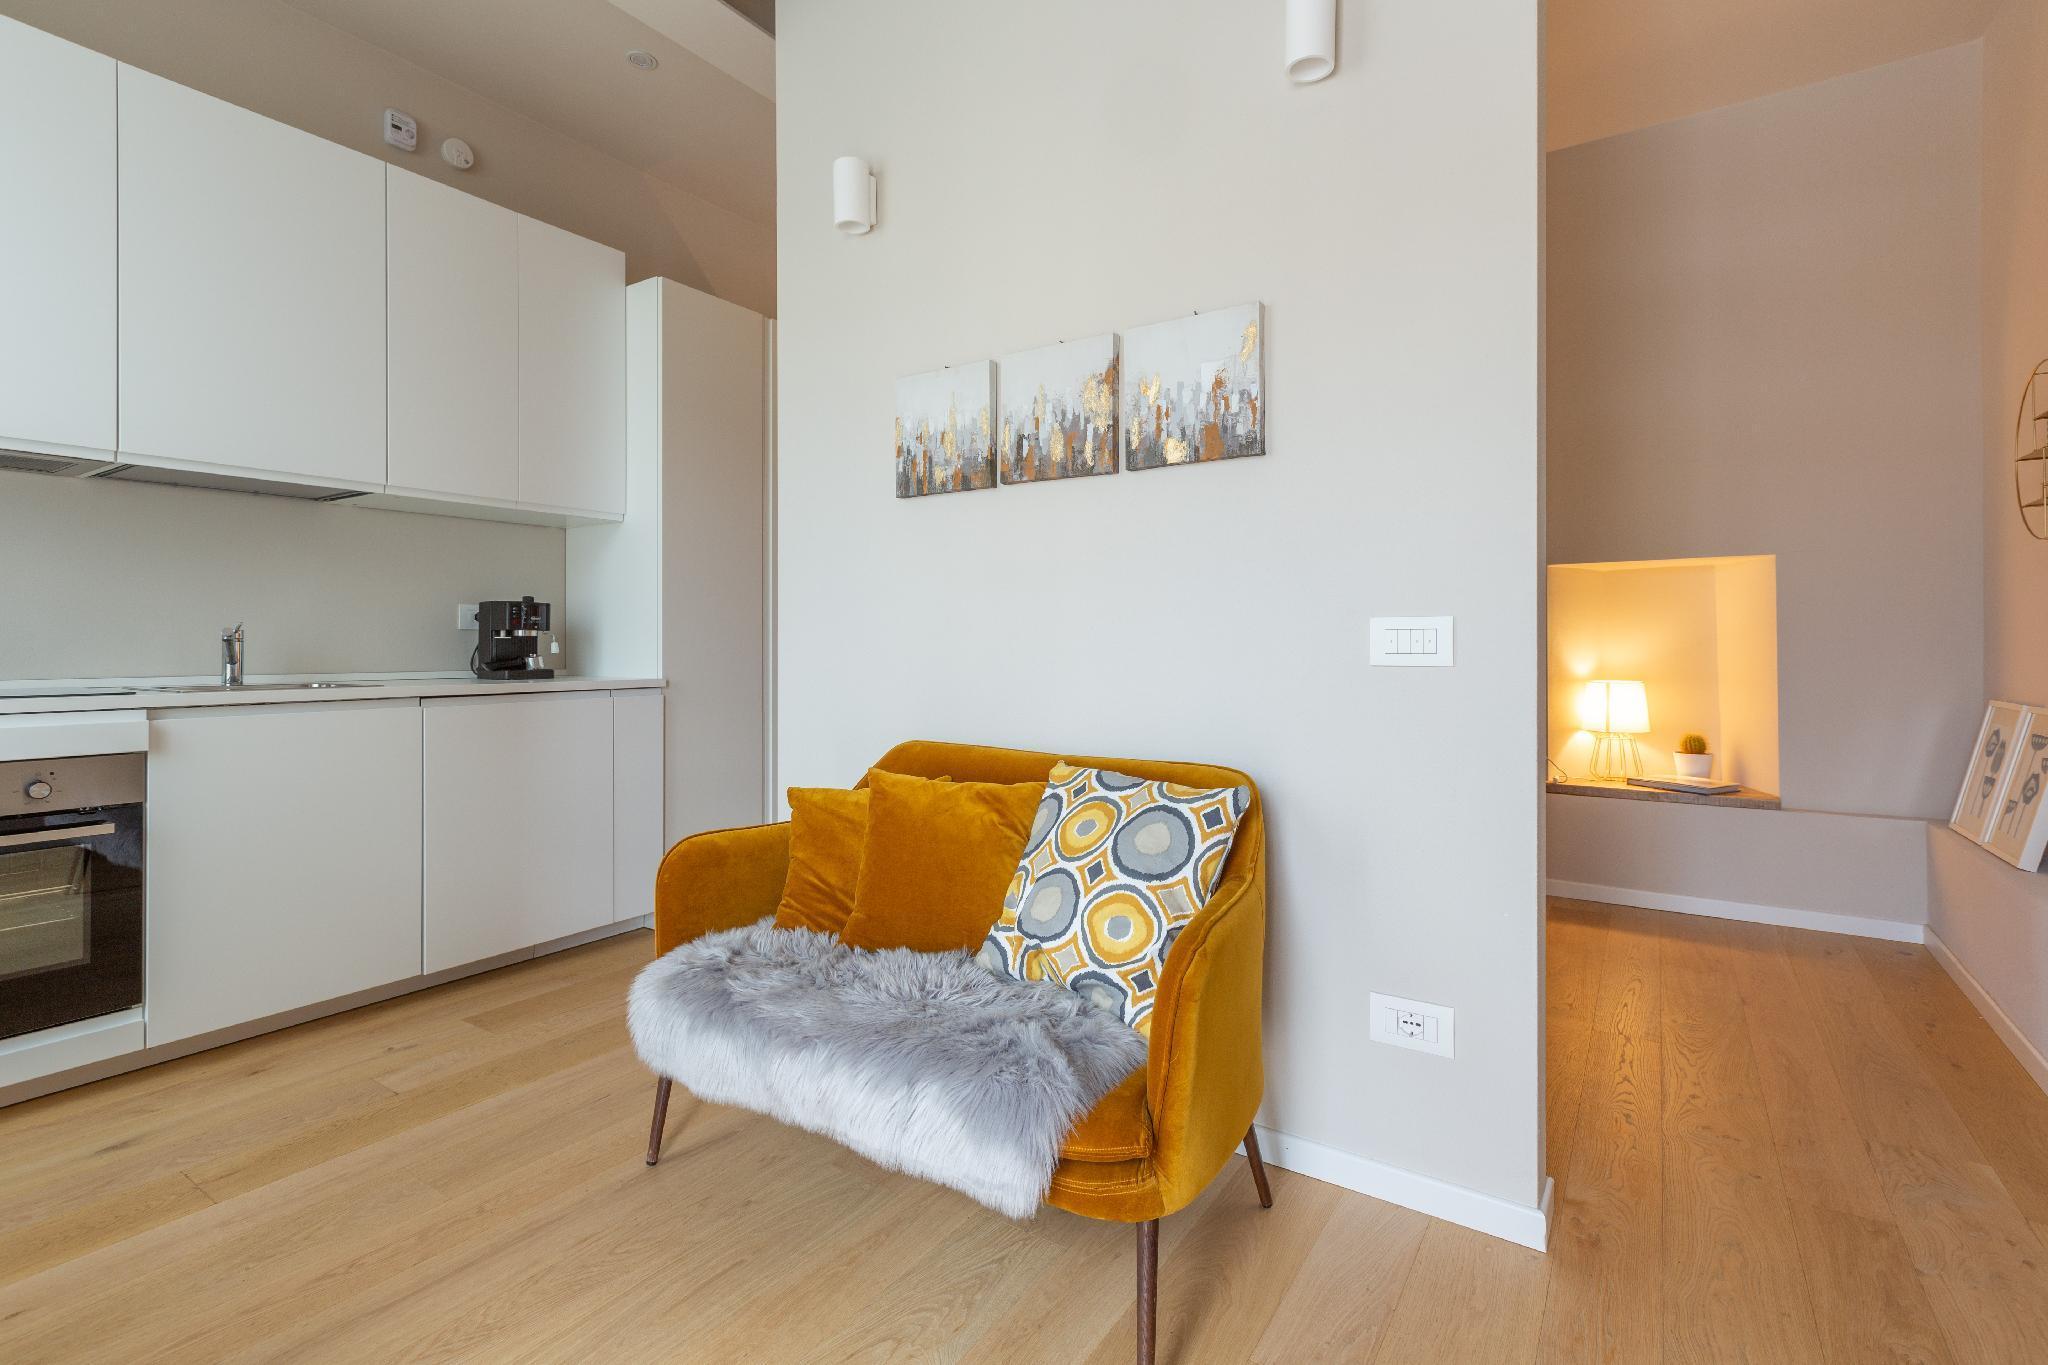 Entire Studio - Hotel room style monolocale